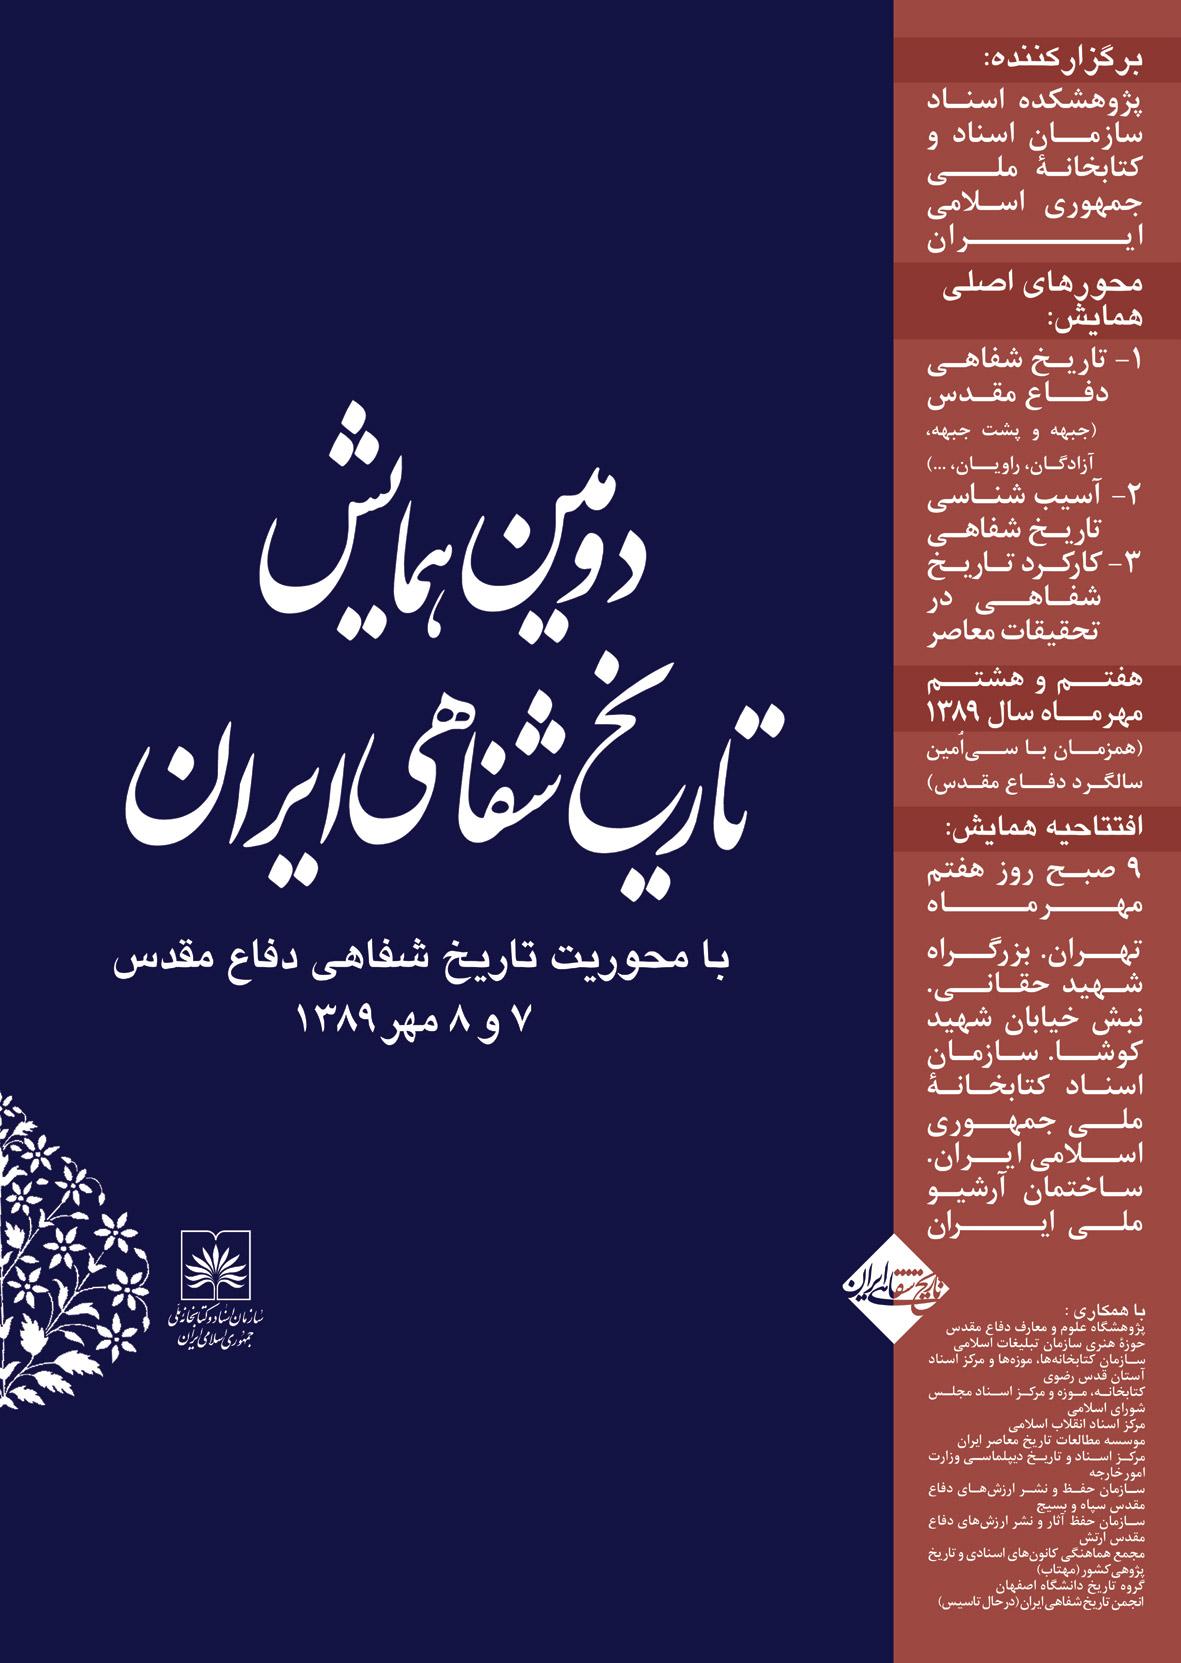 پوستر فراخوان دومین همایش تاریخ شفاهی ایران